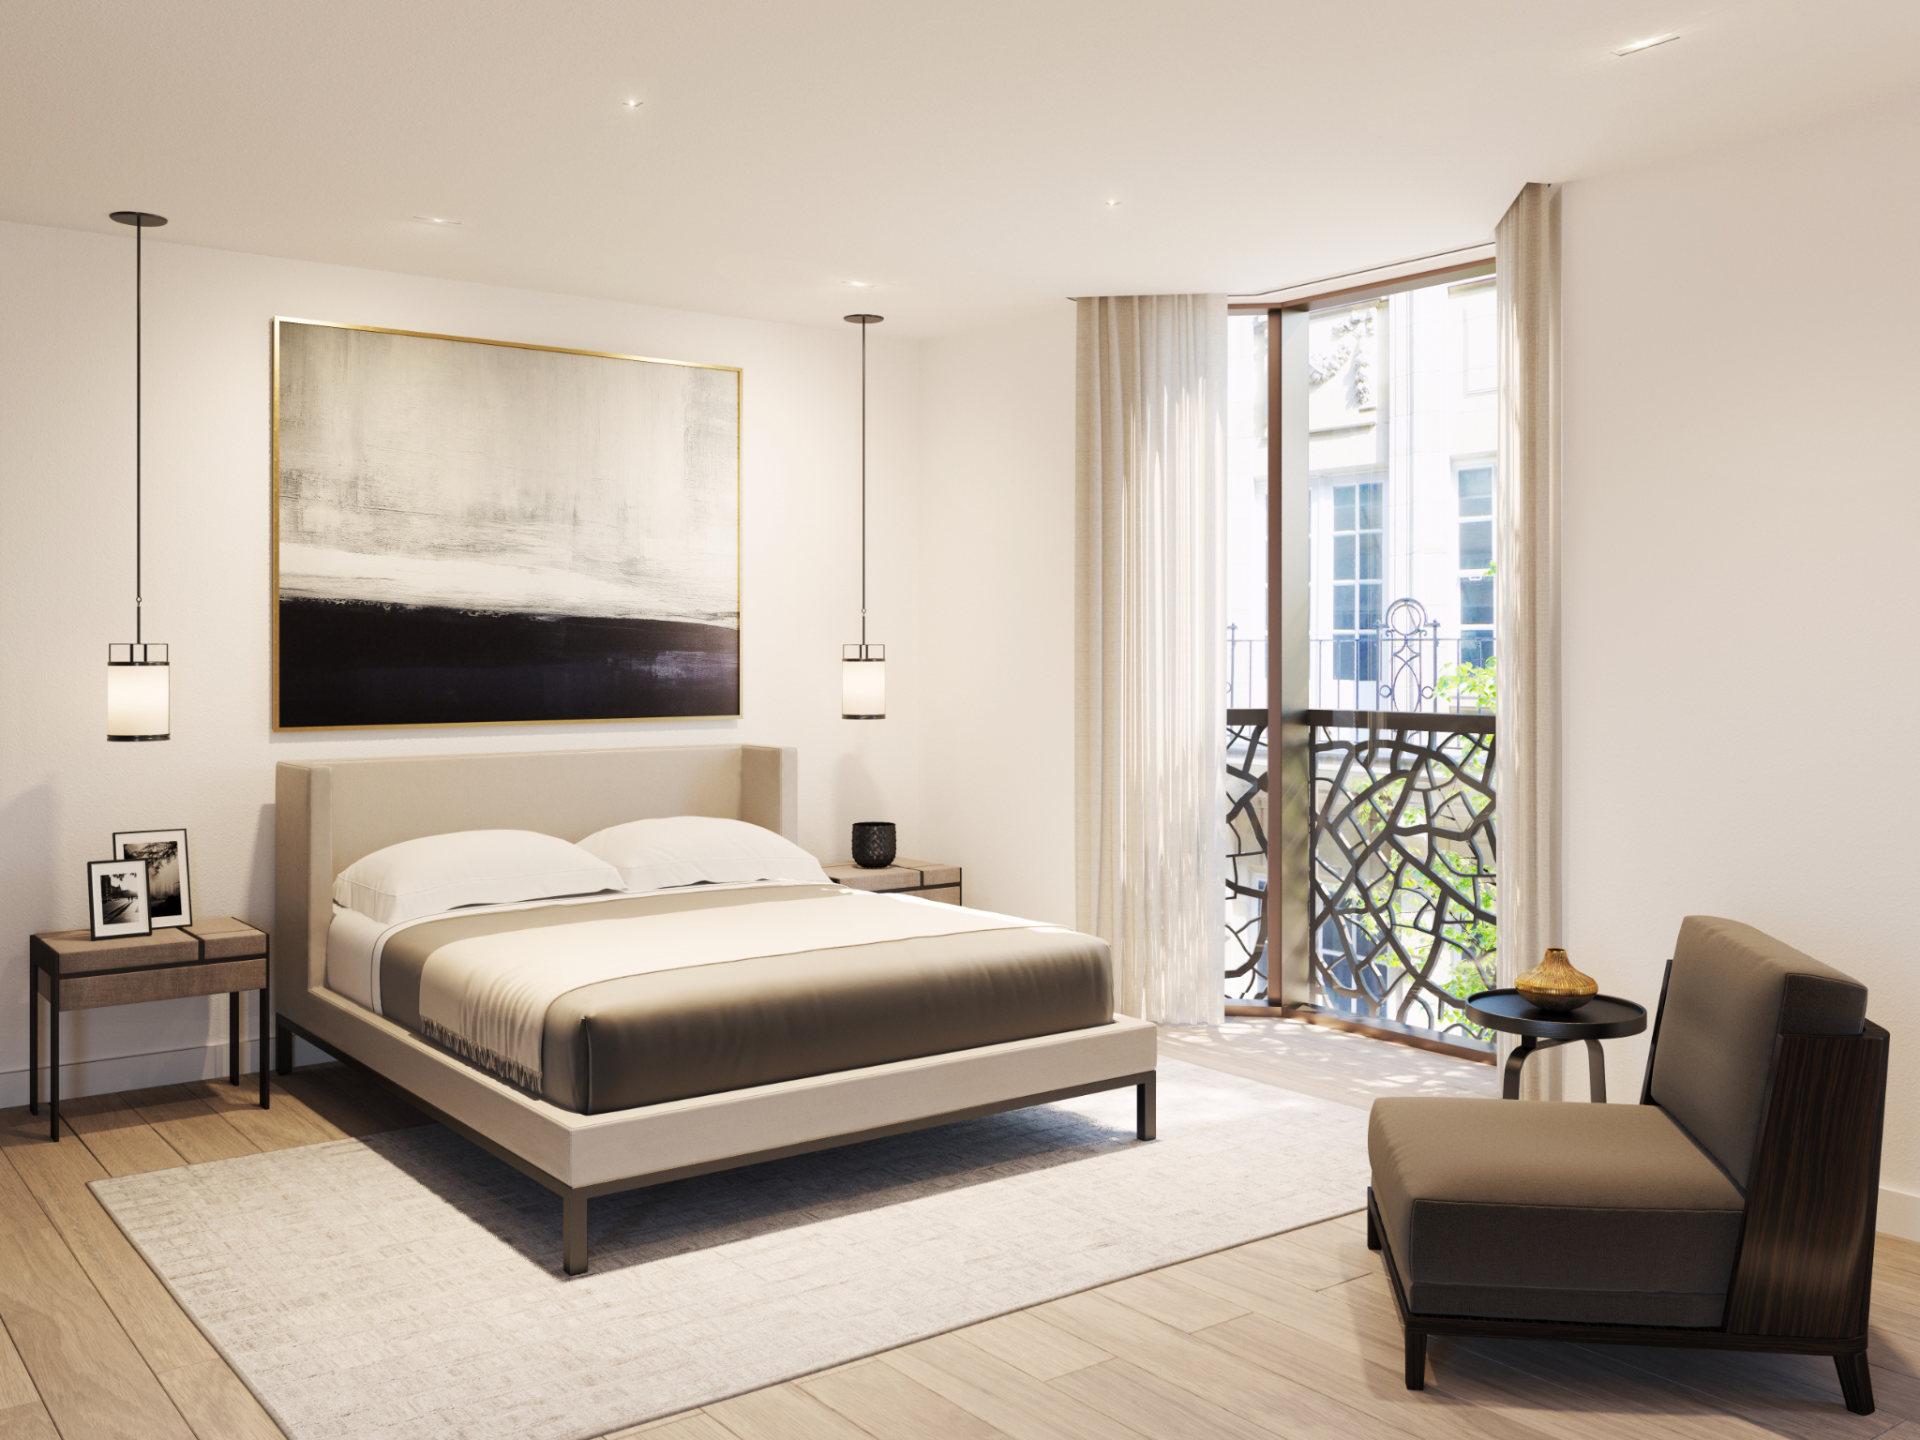 Wizualizacja 3D sypialni w inwestycji Great Portland Street London